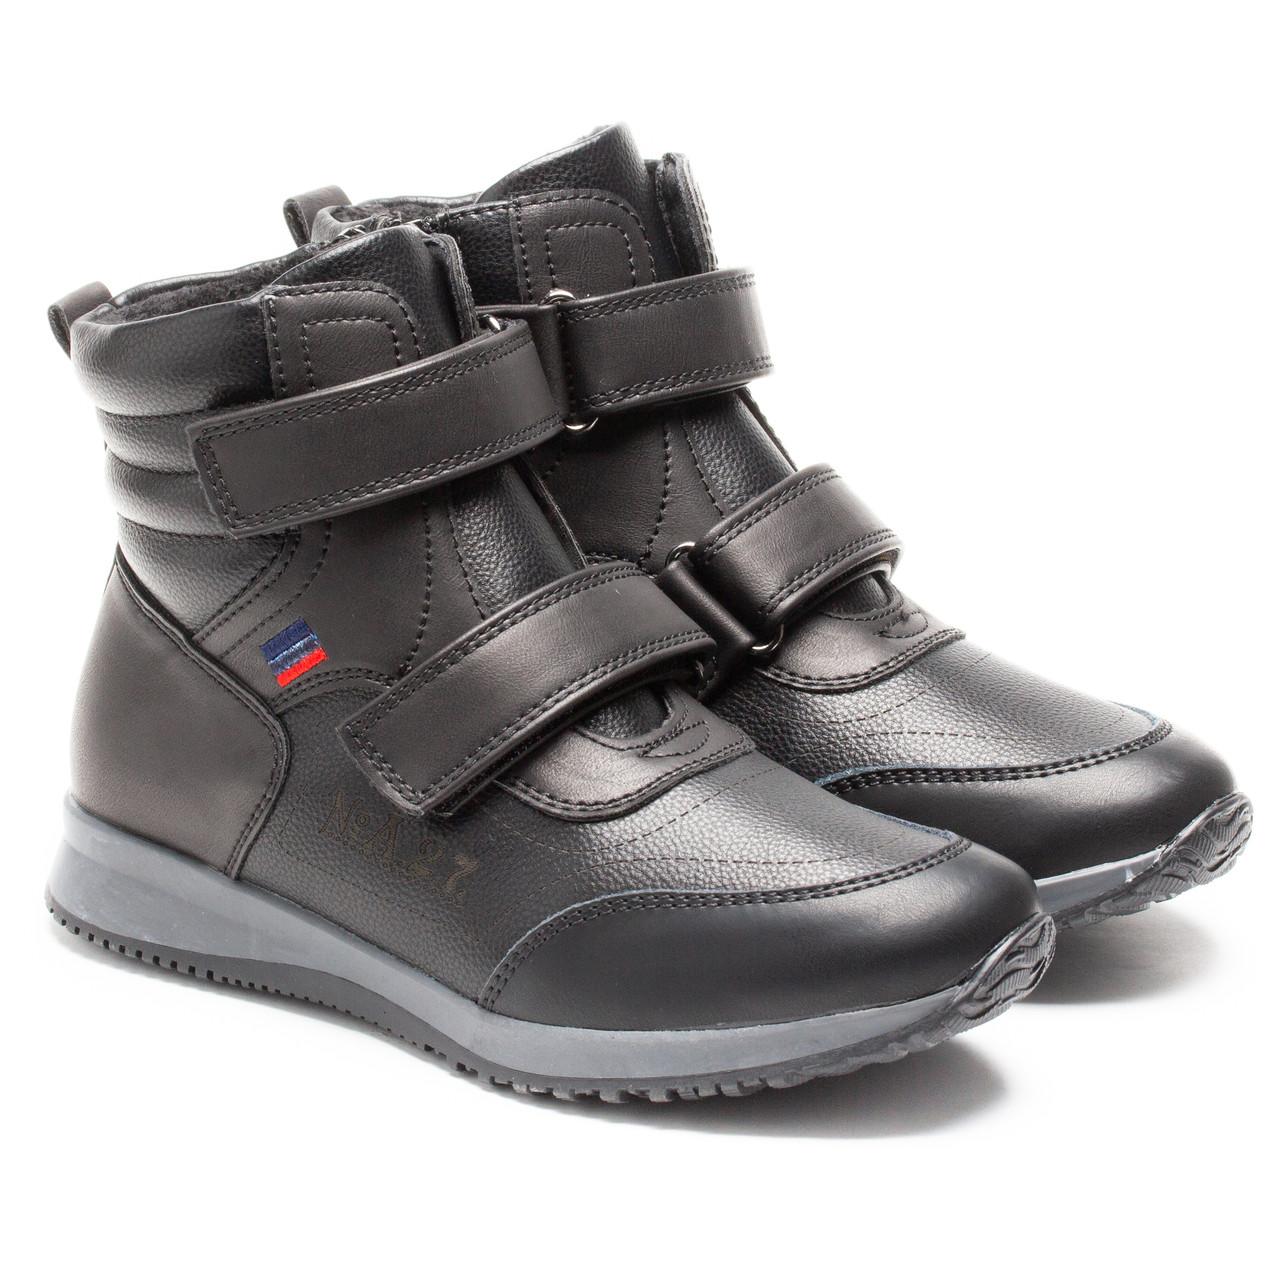 b8c8ce3e Подростковые демисезонные ботинки для мальчика ТМ